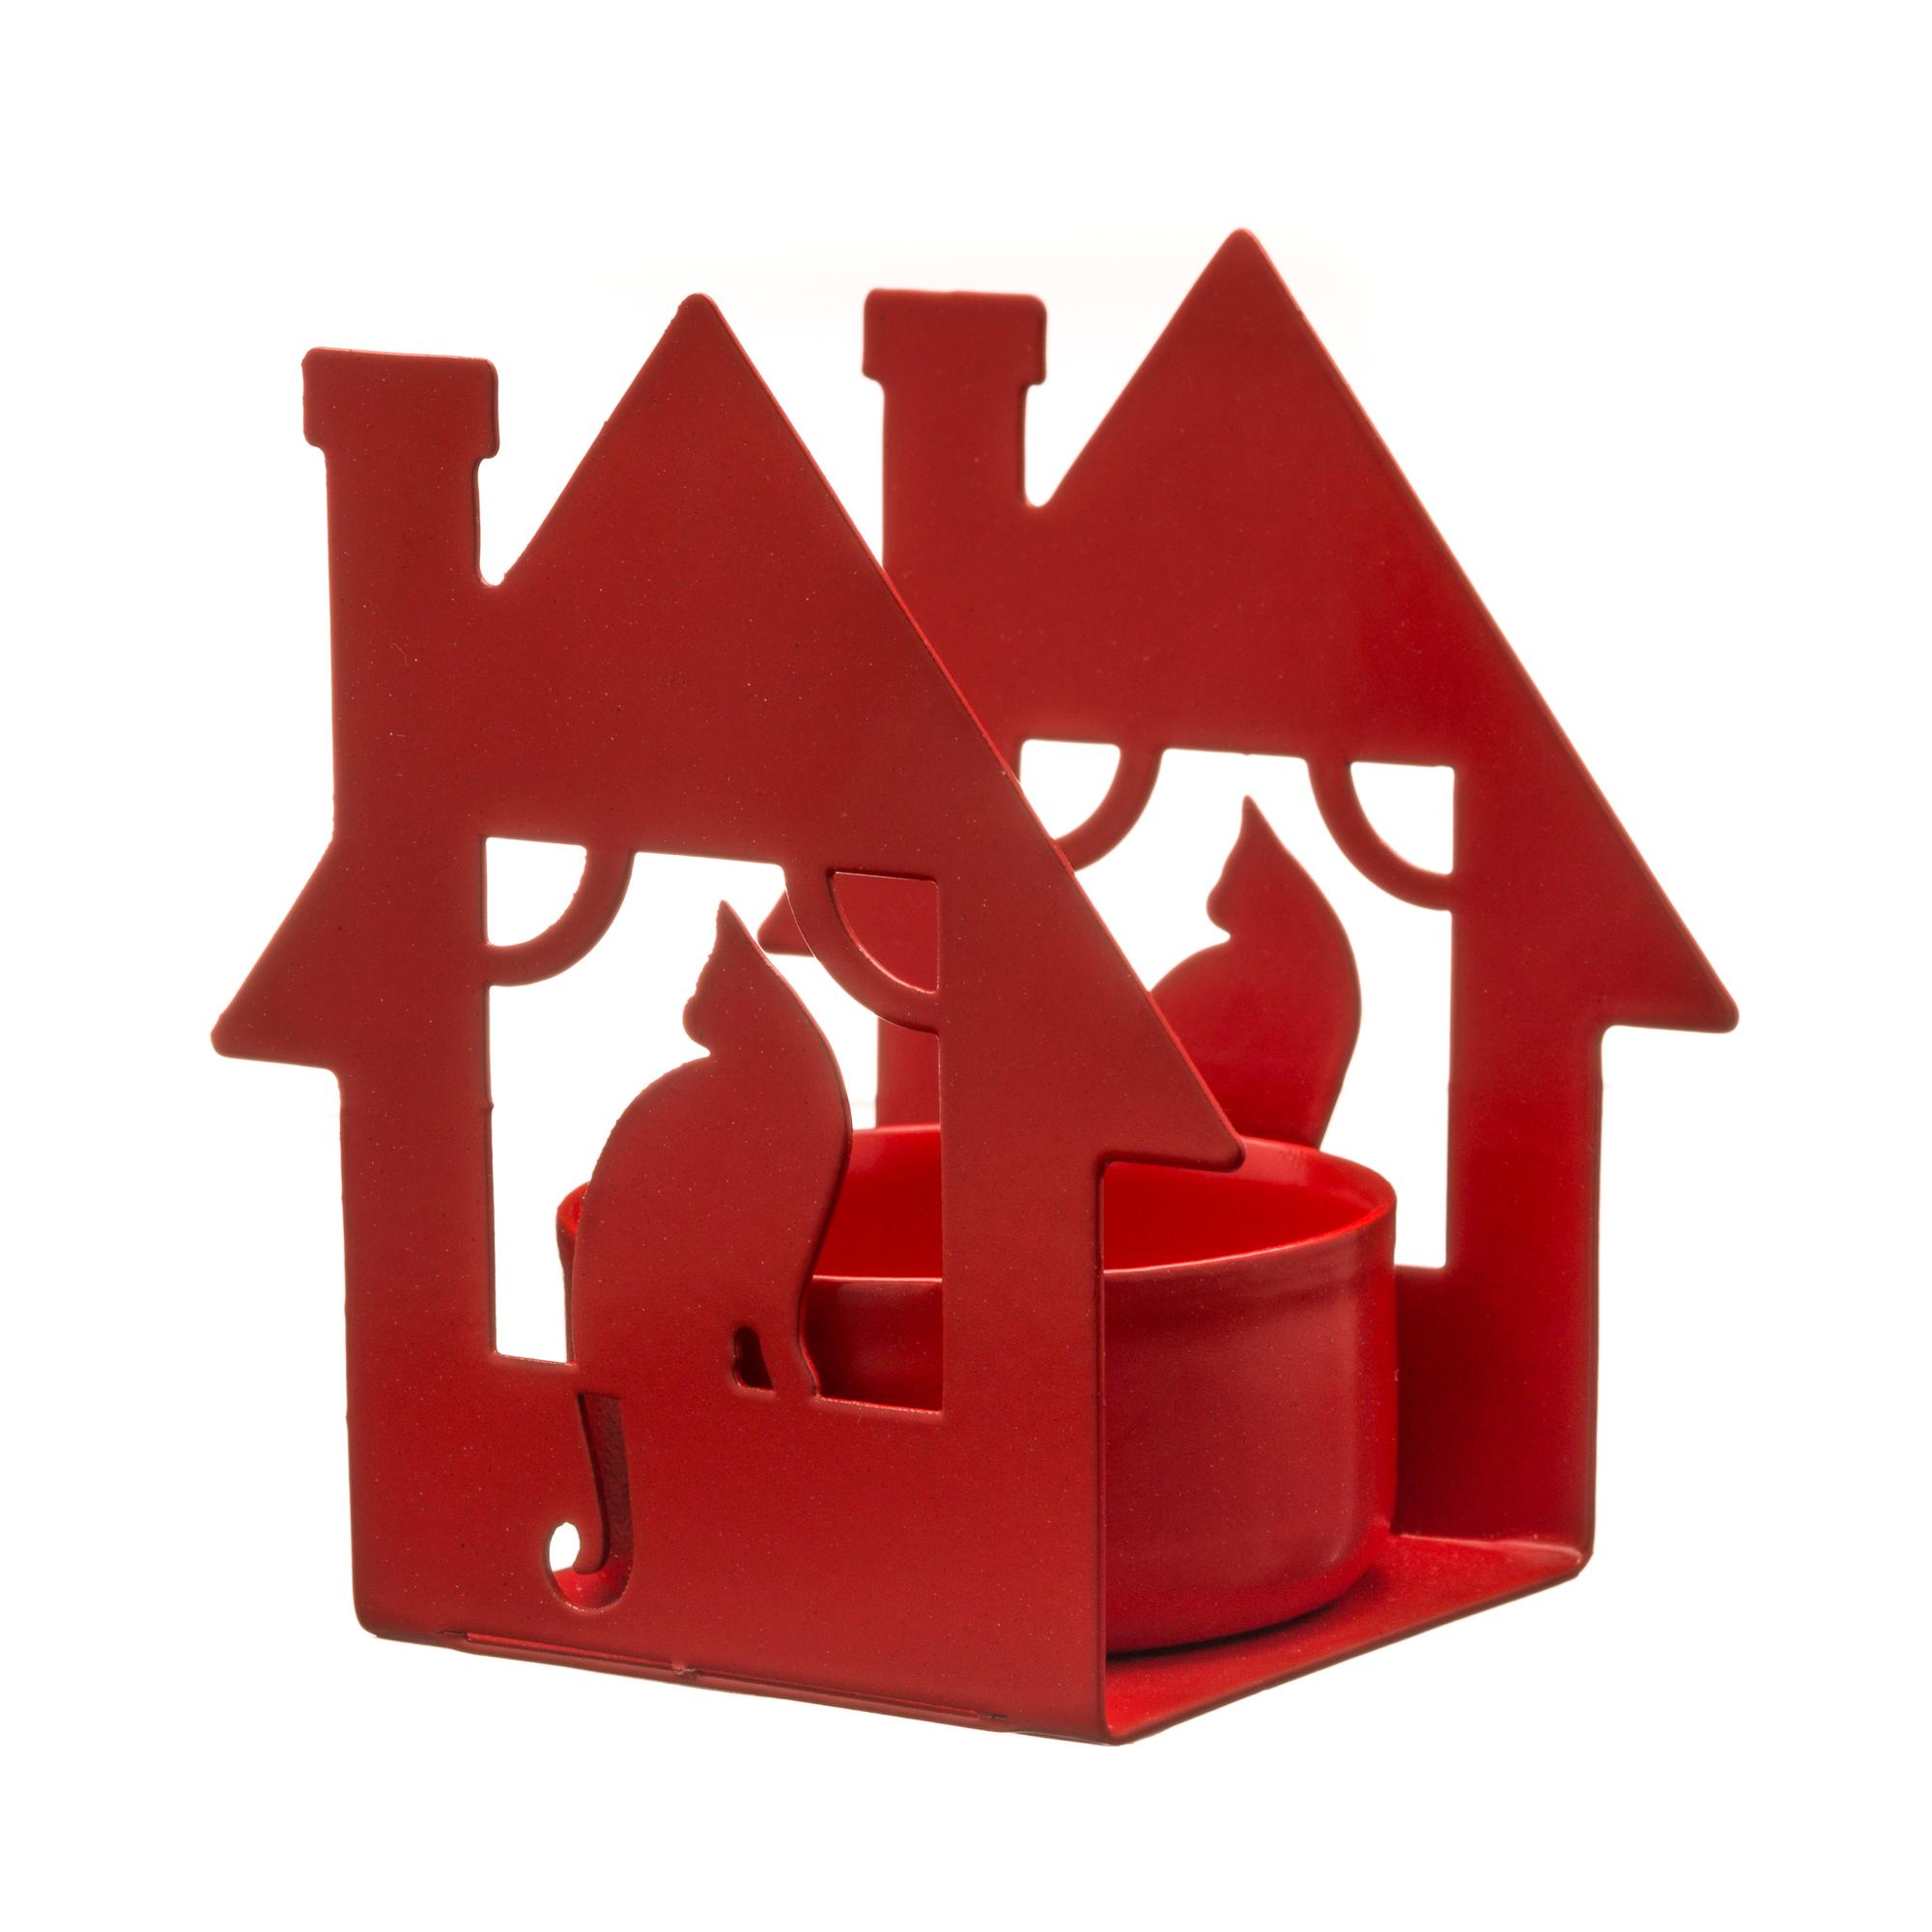 Подсвечник GALA домик с кошкой, красный bs 557 подсвечник домик подарков 1146458